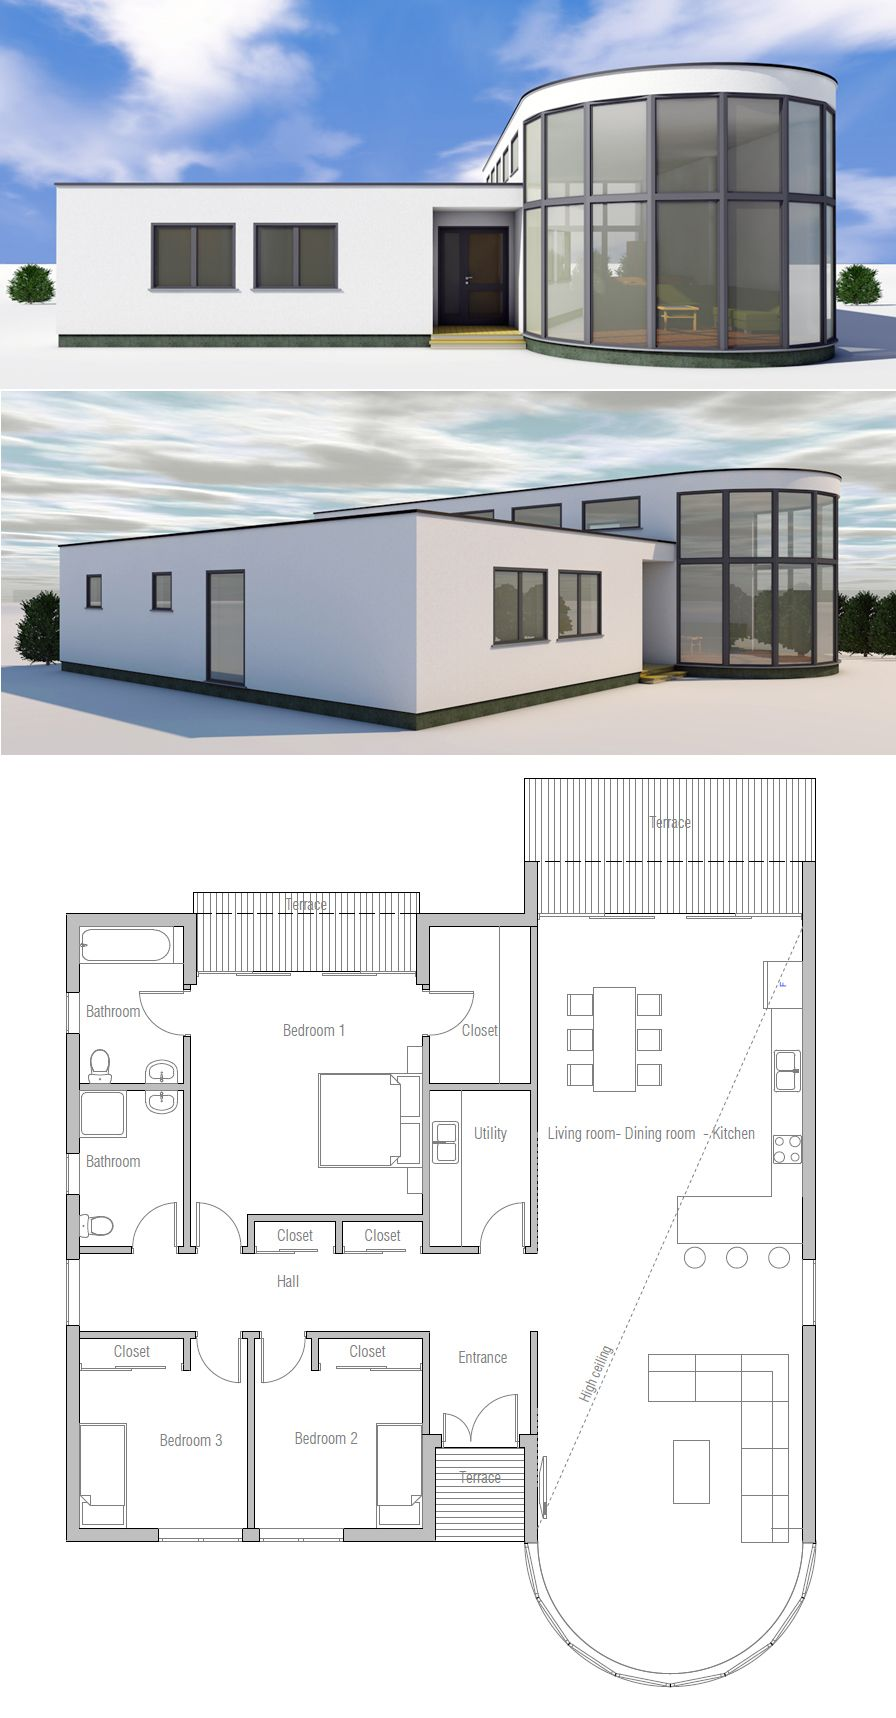 Grundrisse wohnen kleines haus pläne kleine häuser haus design architektur plan grundrisse flachdach home pläne